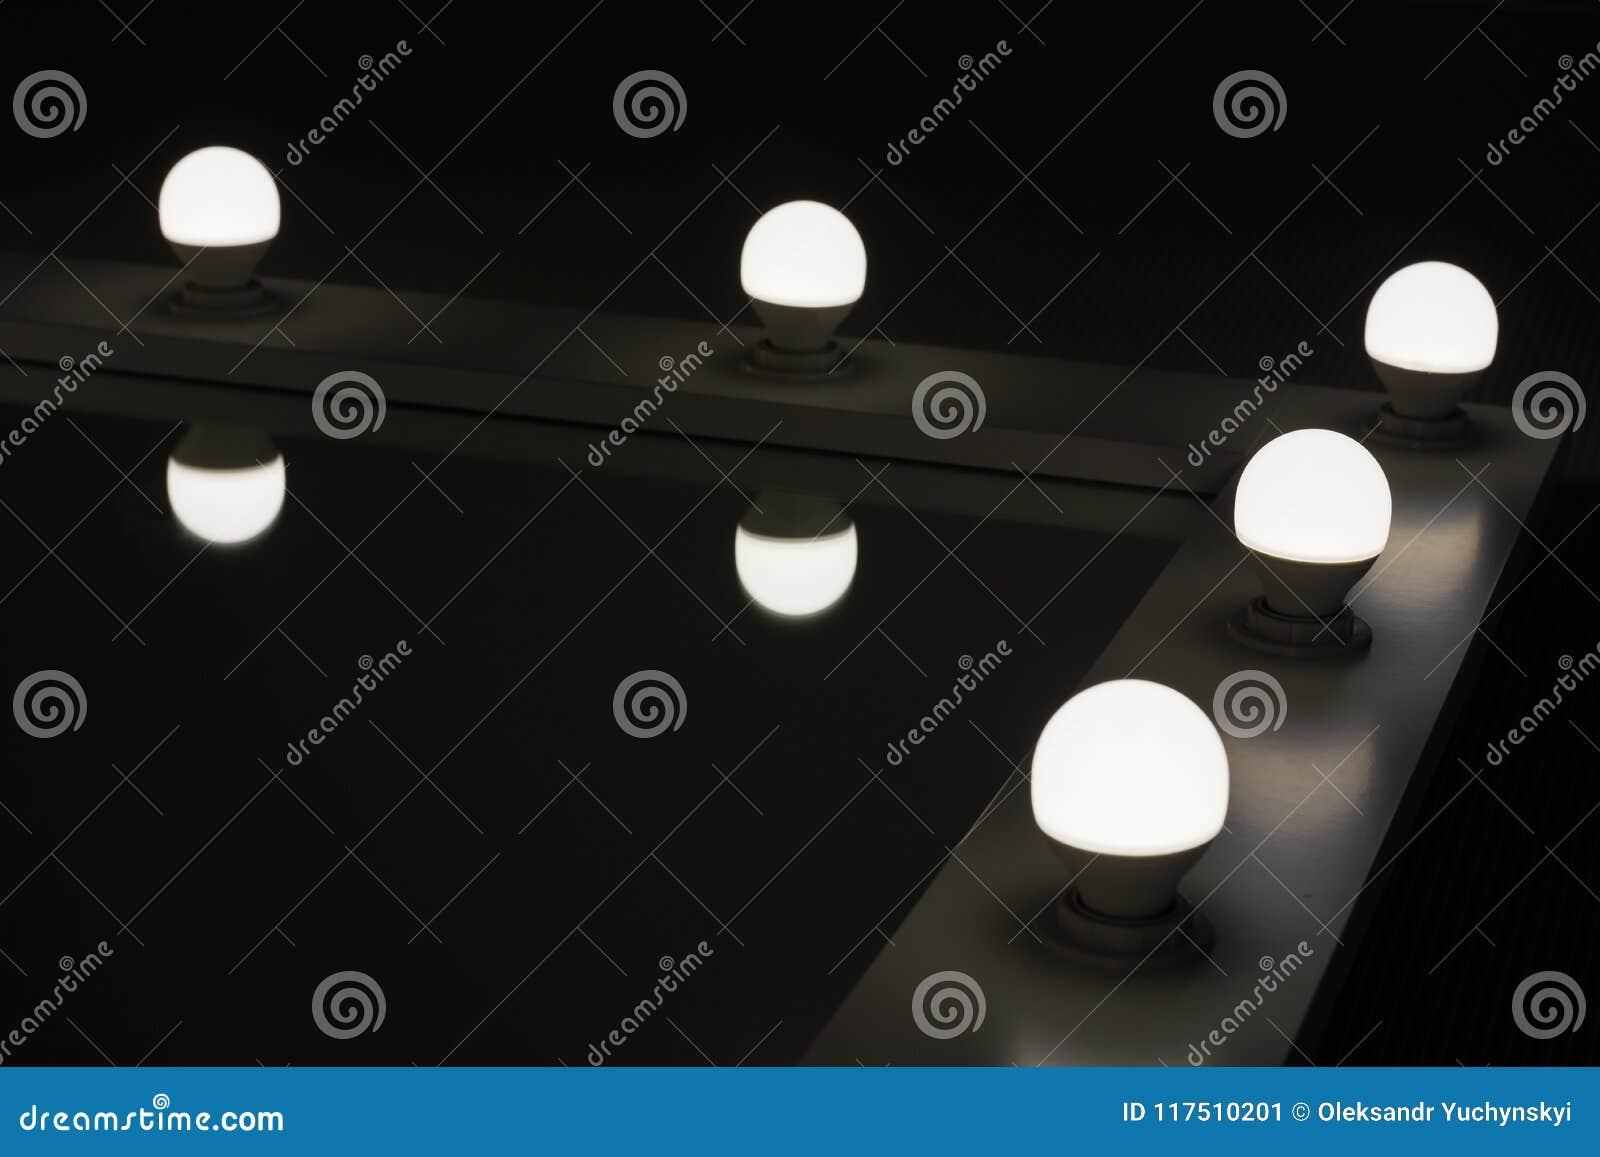 Hörnskyddsramspeglar med backlighting vid LED lampor